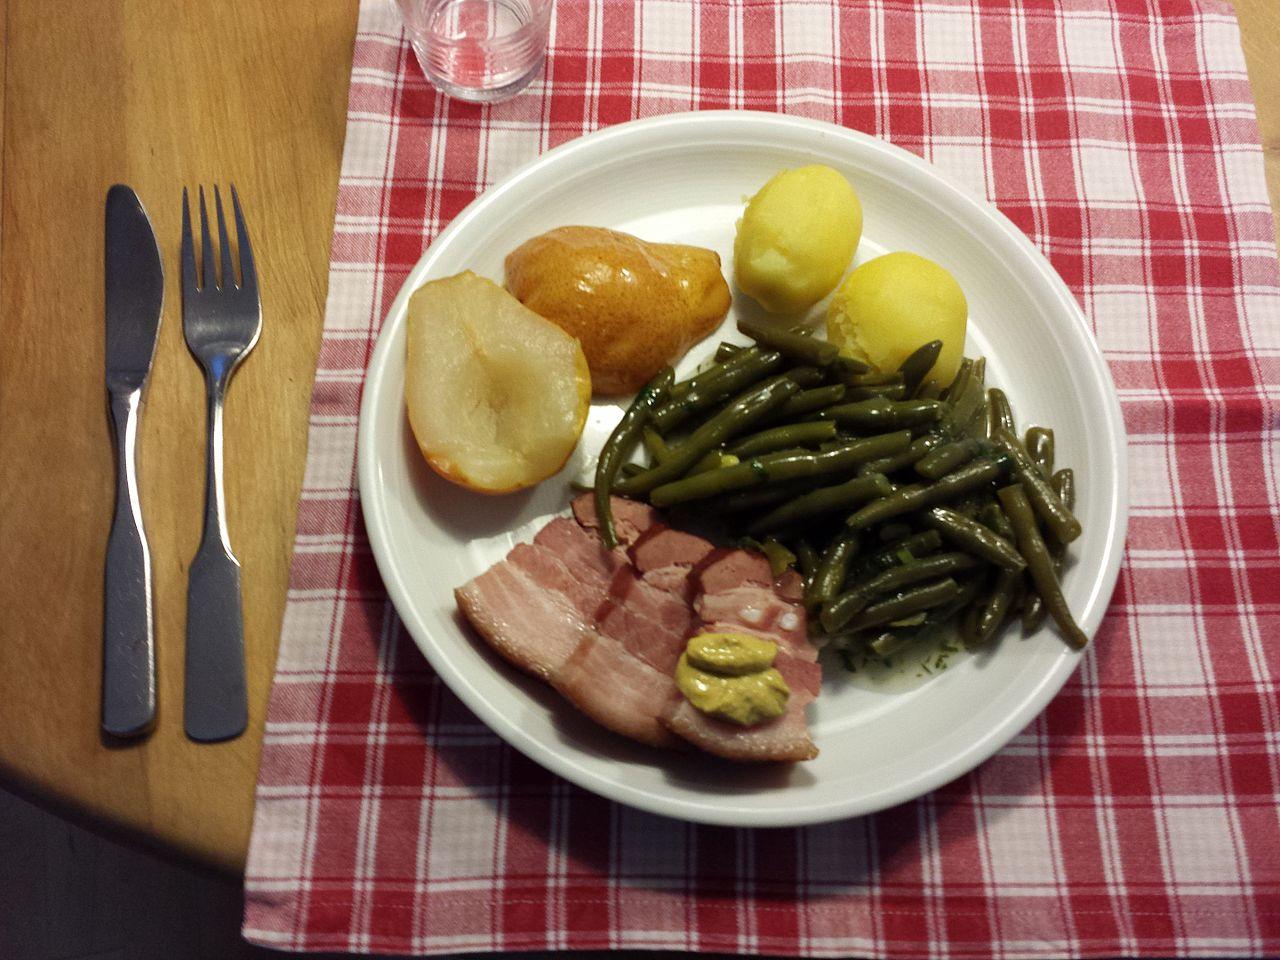 Gastronom a de alemania guia de alemania for Verduras tipicas de francia